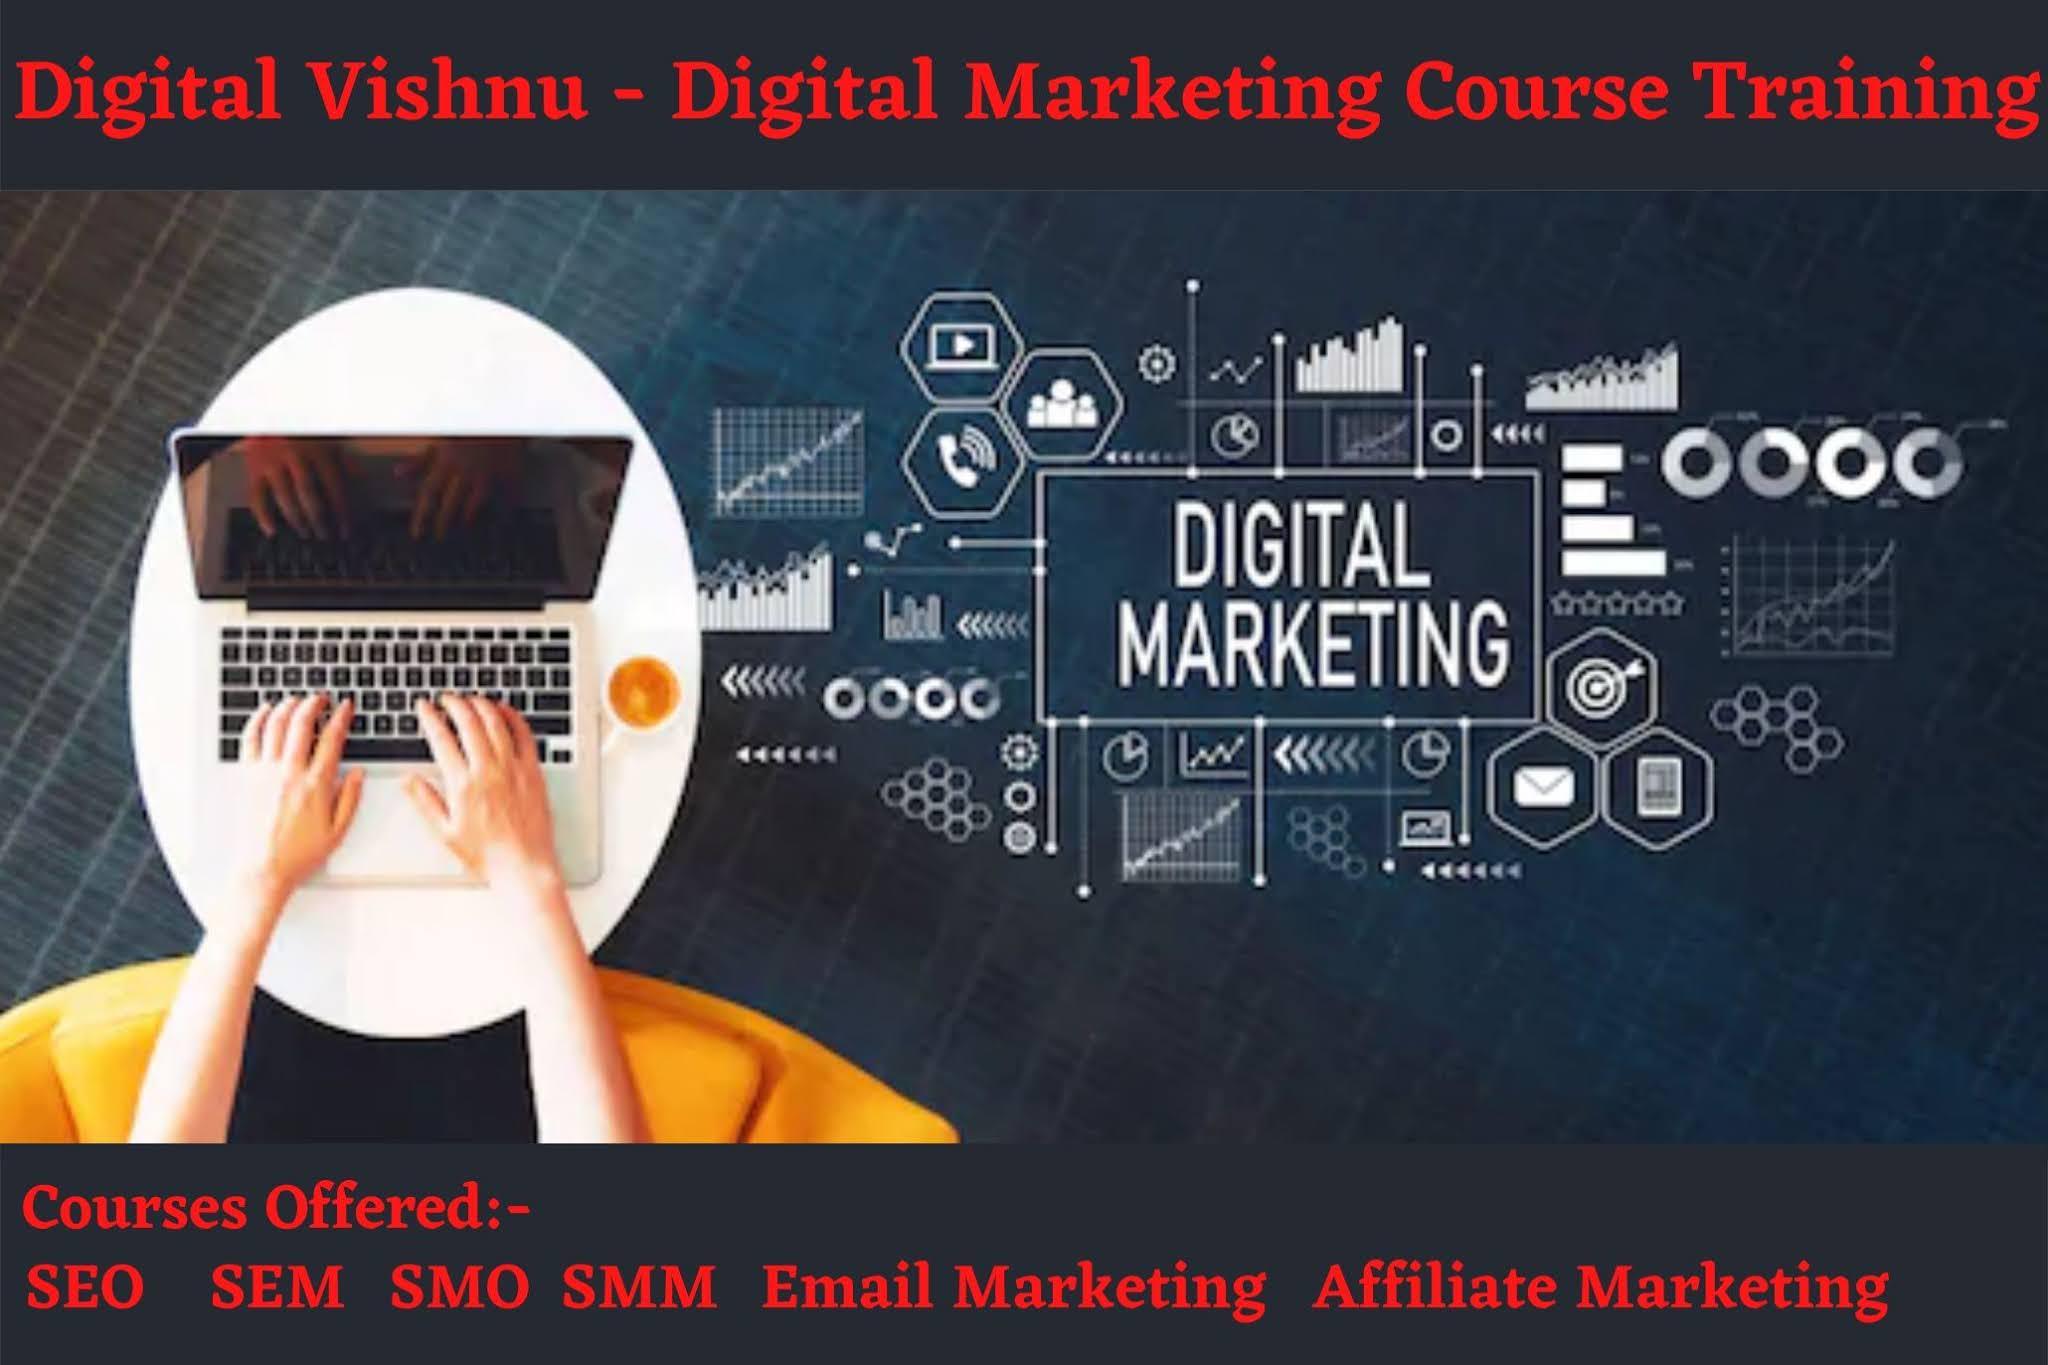 Digital Vishnu - Digital Marketing Course Services Offered